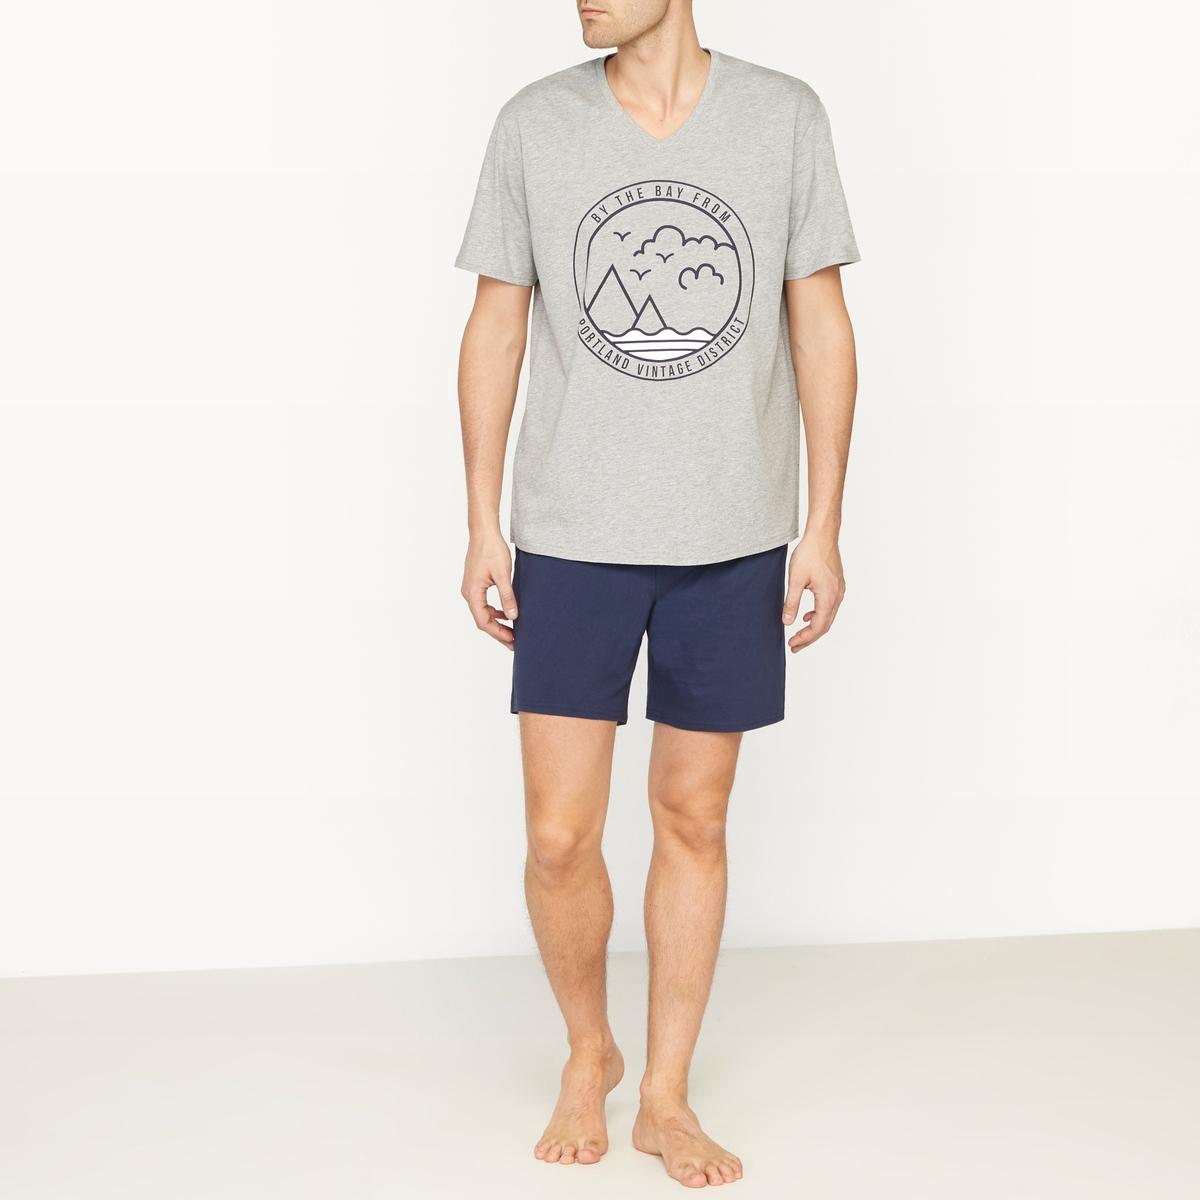 Пижама с шортамиСостав и описание :Материал : джерси, 100% хлопок.Уход :Машинная стирка при 40 °С.<br><br>Цвет: серый меланж + темно-синий<br>Размер: XL